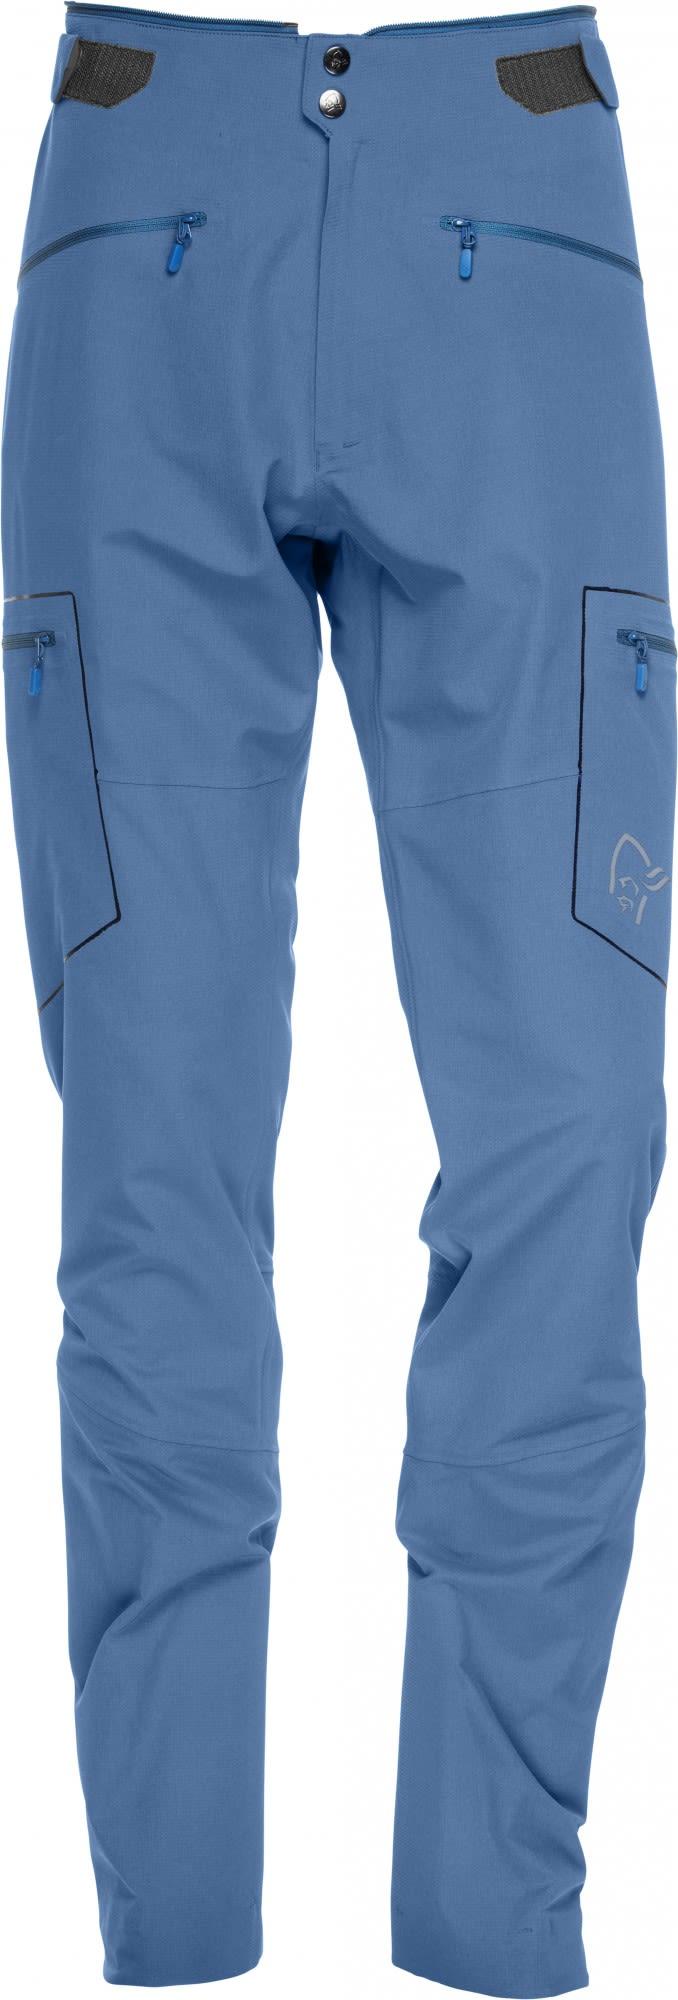 Norrona Trollveggen Flex1 Pants Blau, Male Hose, L